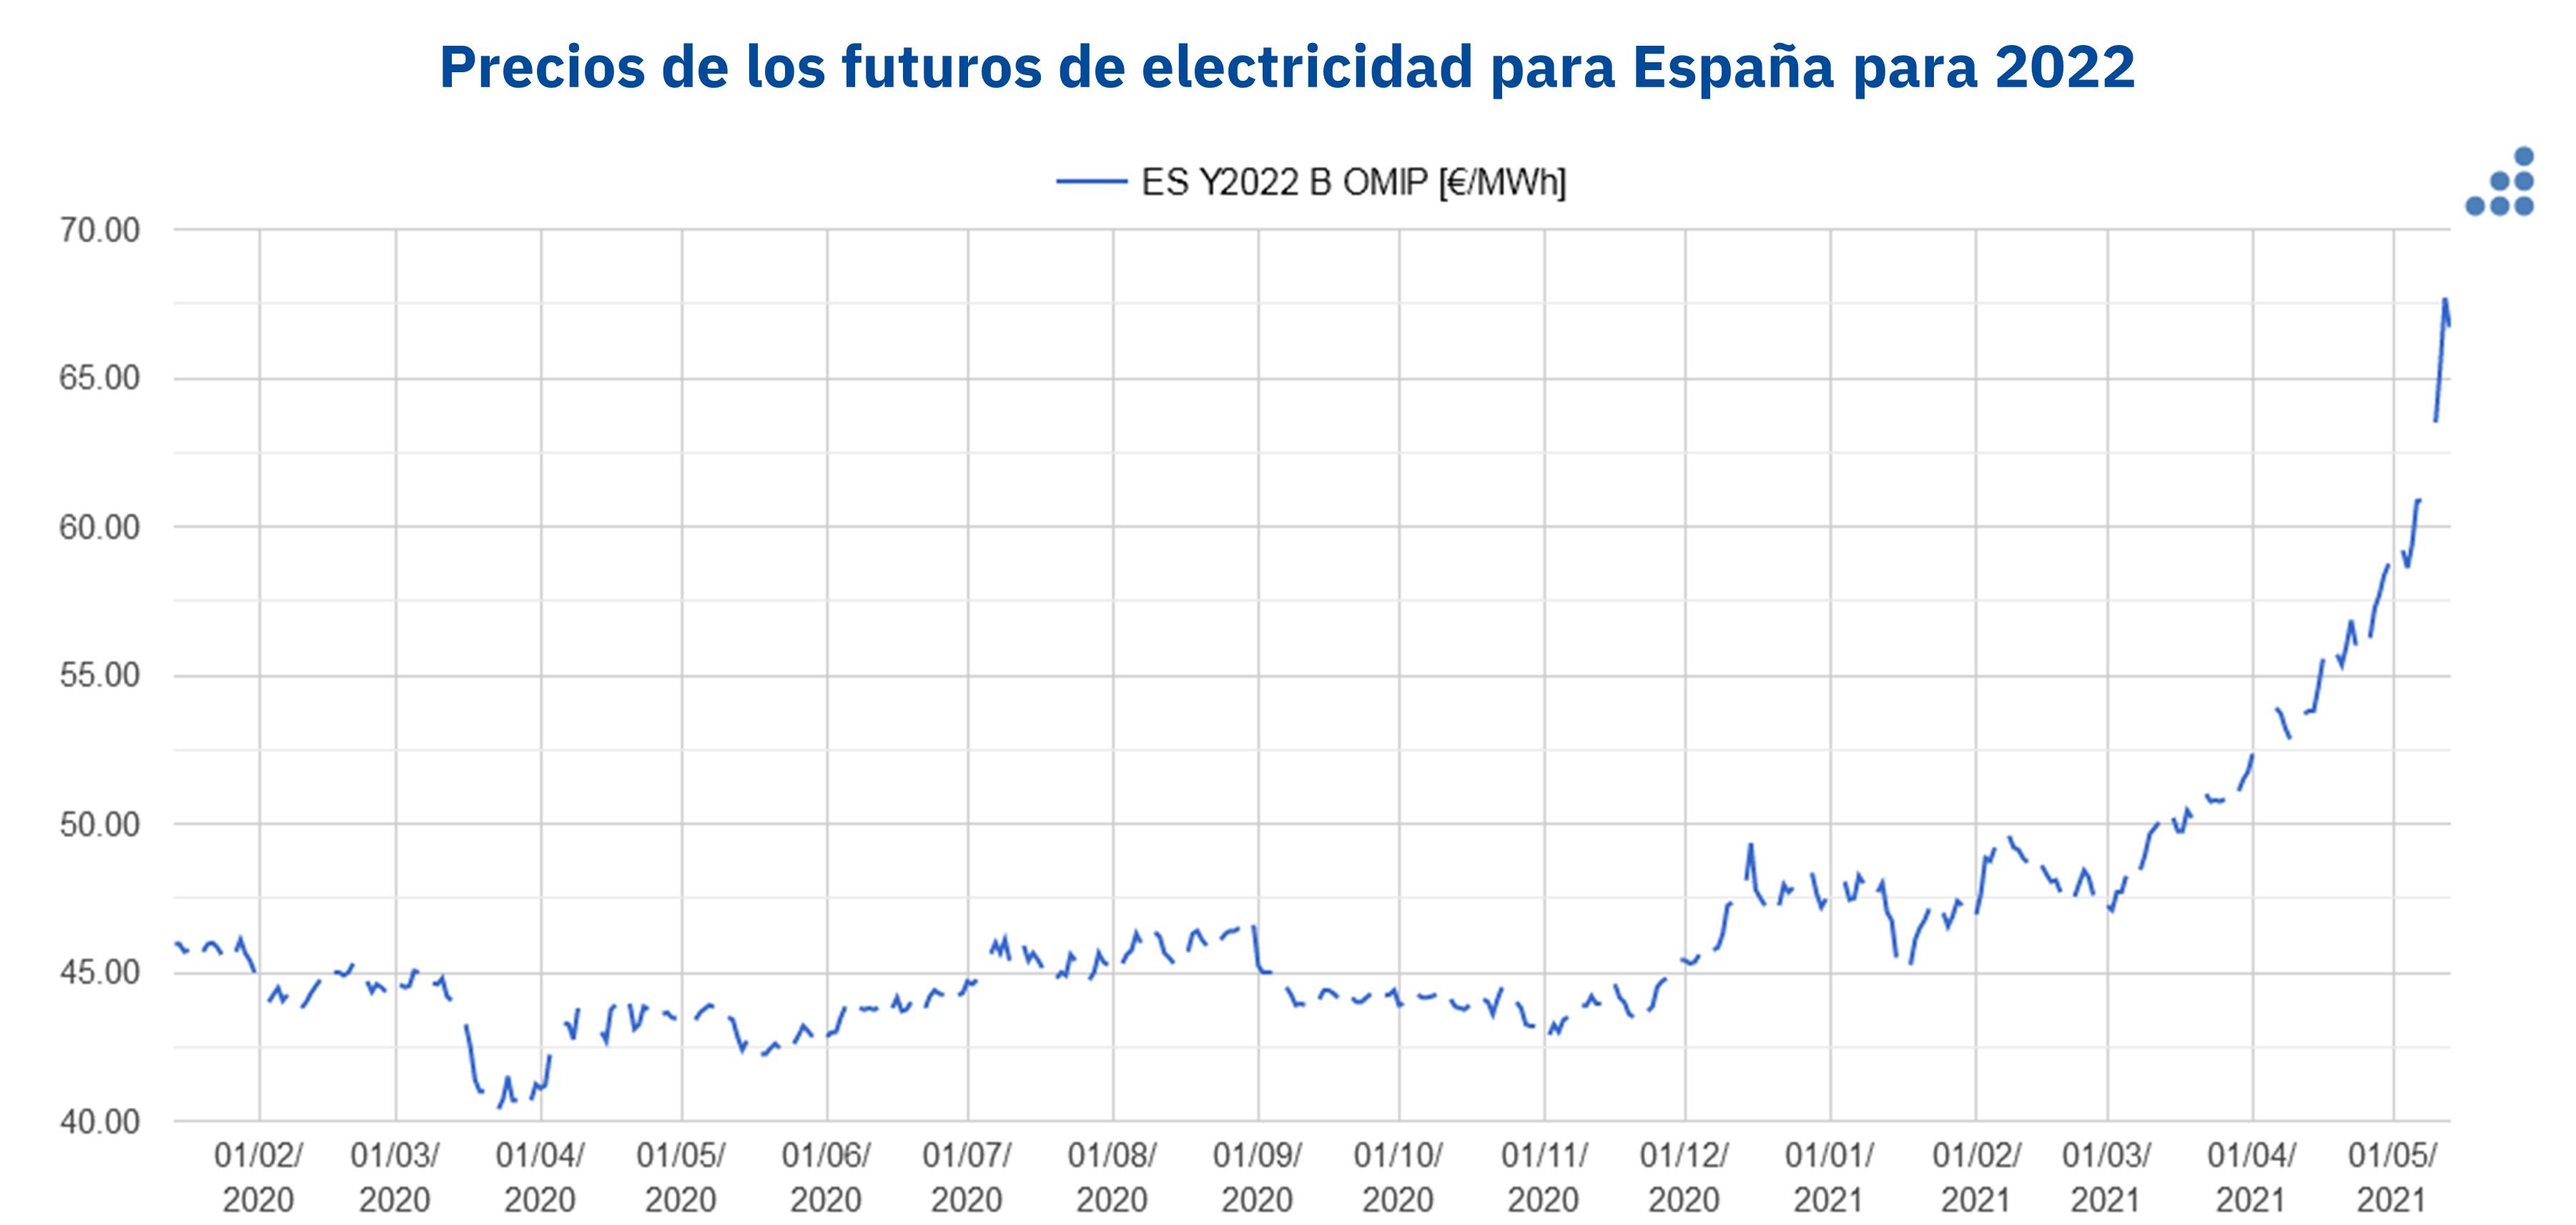 AleaSoft: Un mensaje de optimismo frente a la situación actual en los mercados de energía